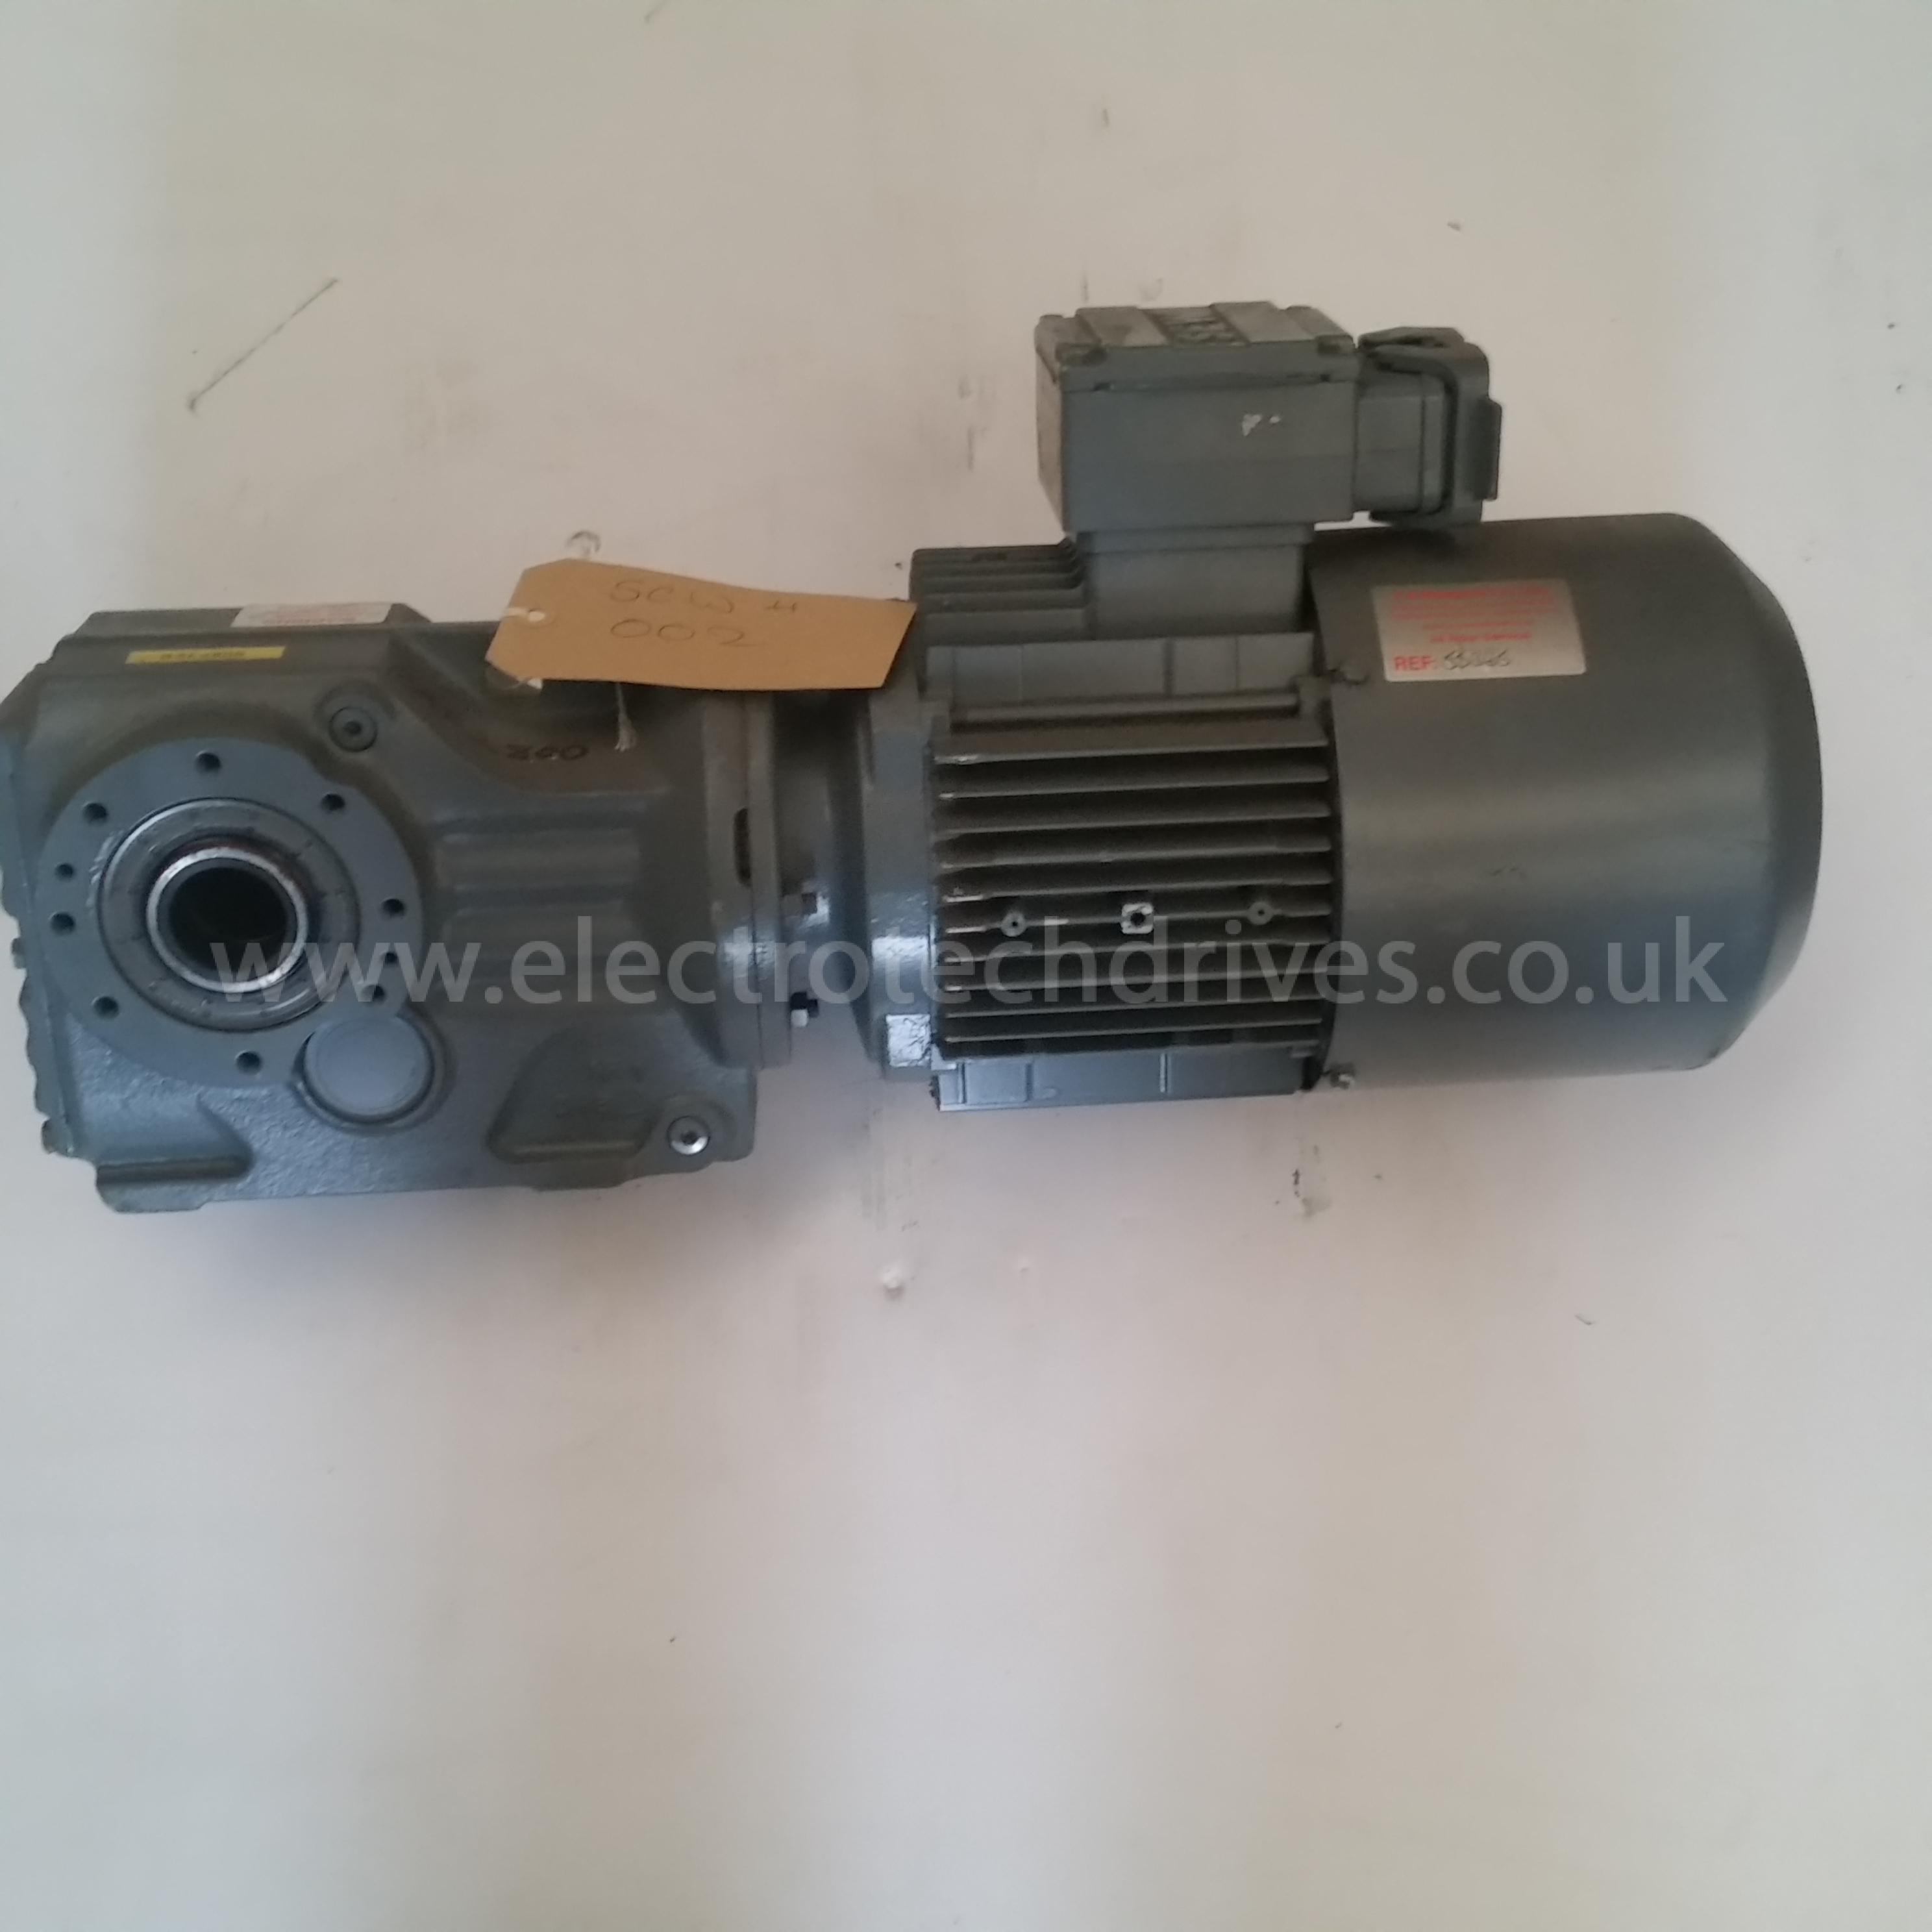 Sew Eurodrive Geared Motor Sa47 Tdt90l4 Bmg Hr Th Asb4